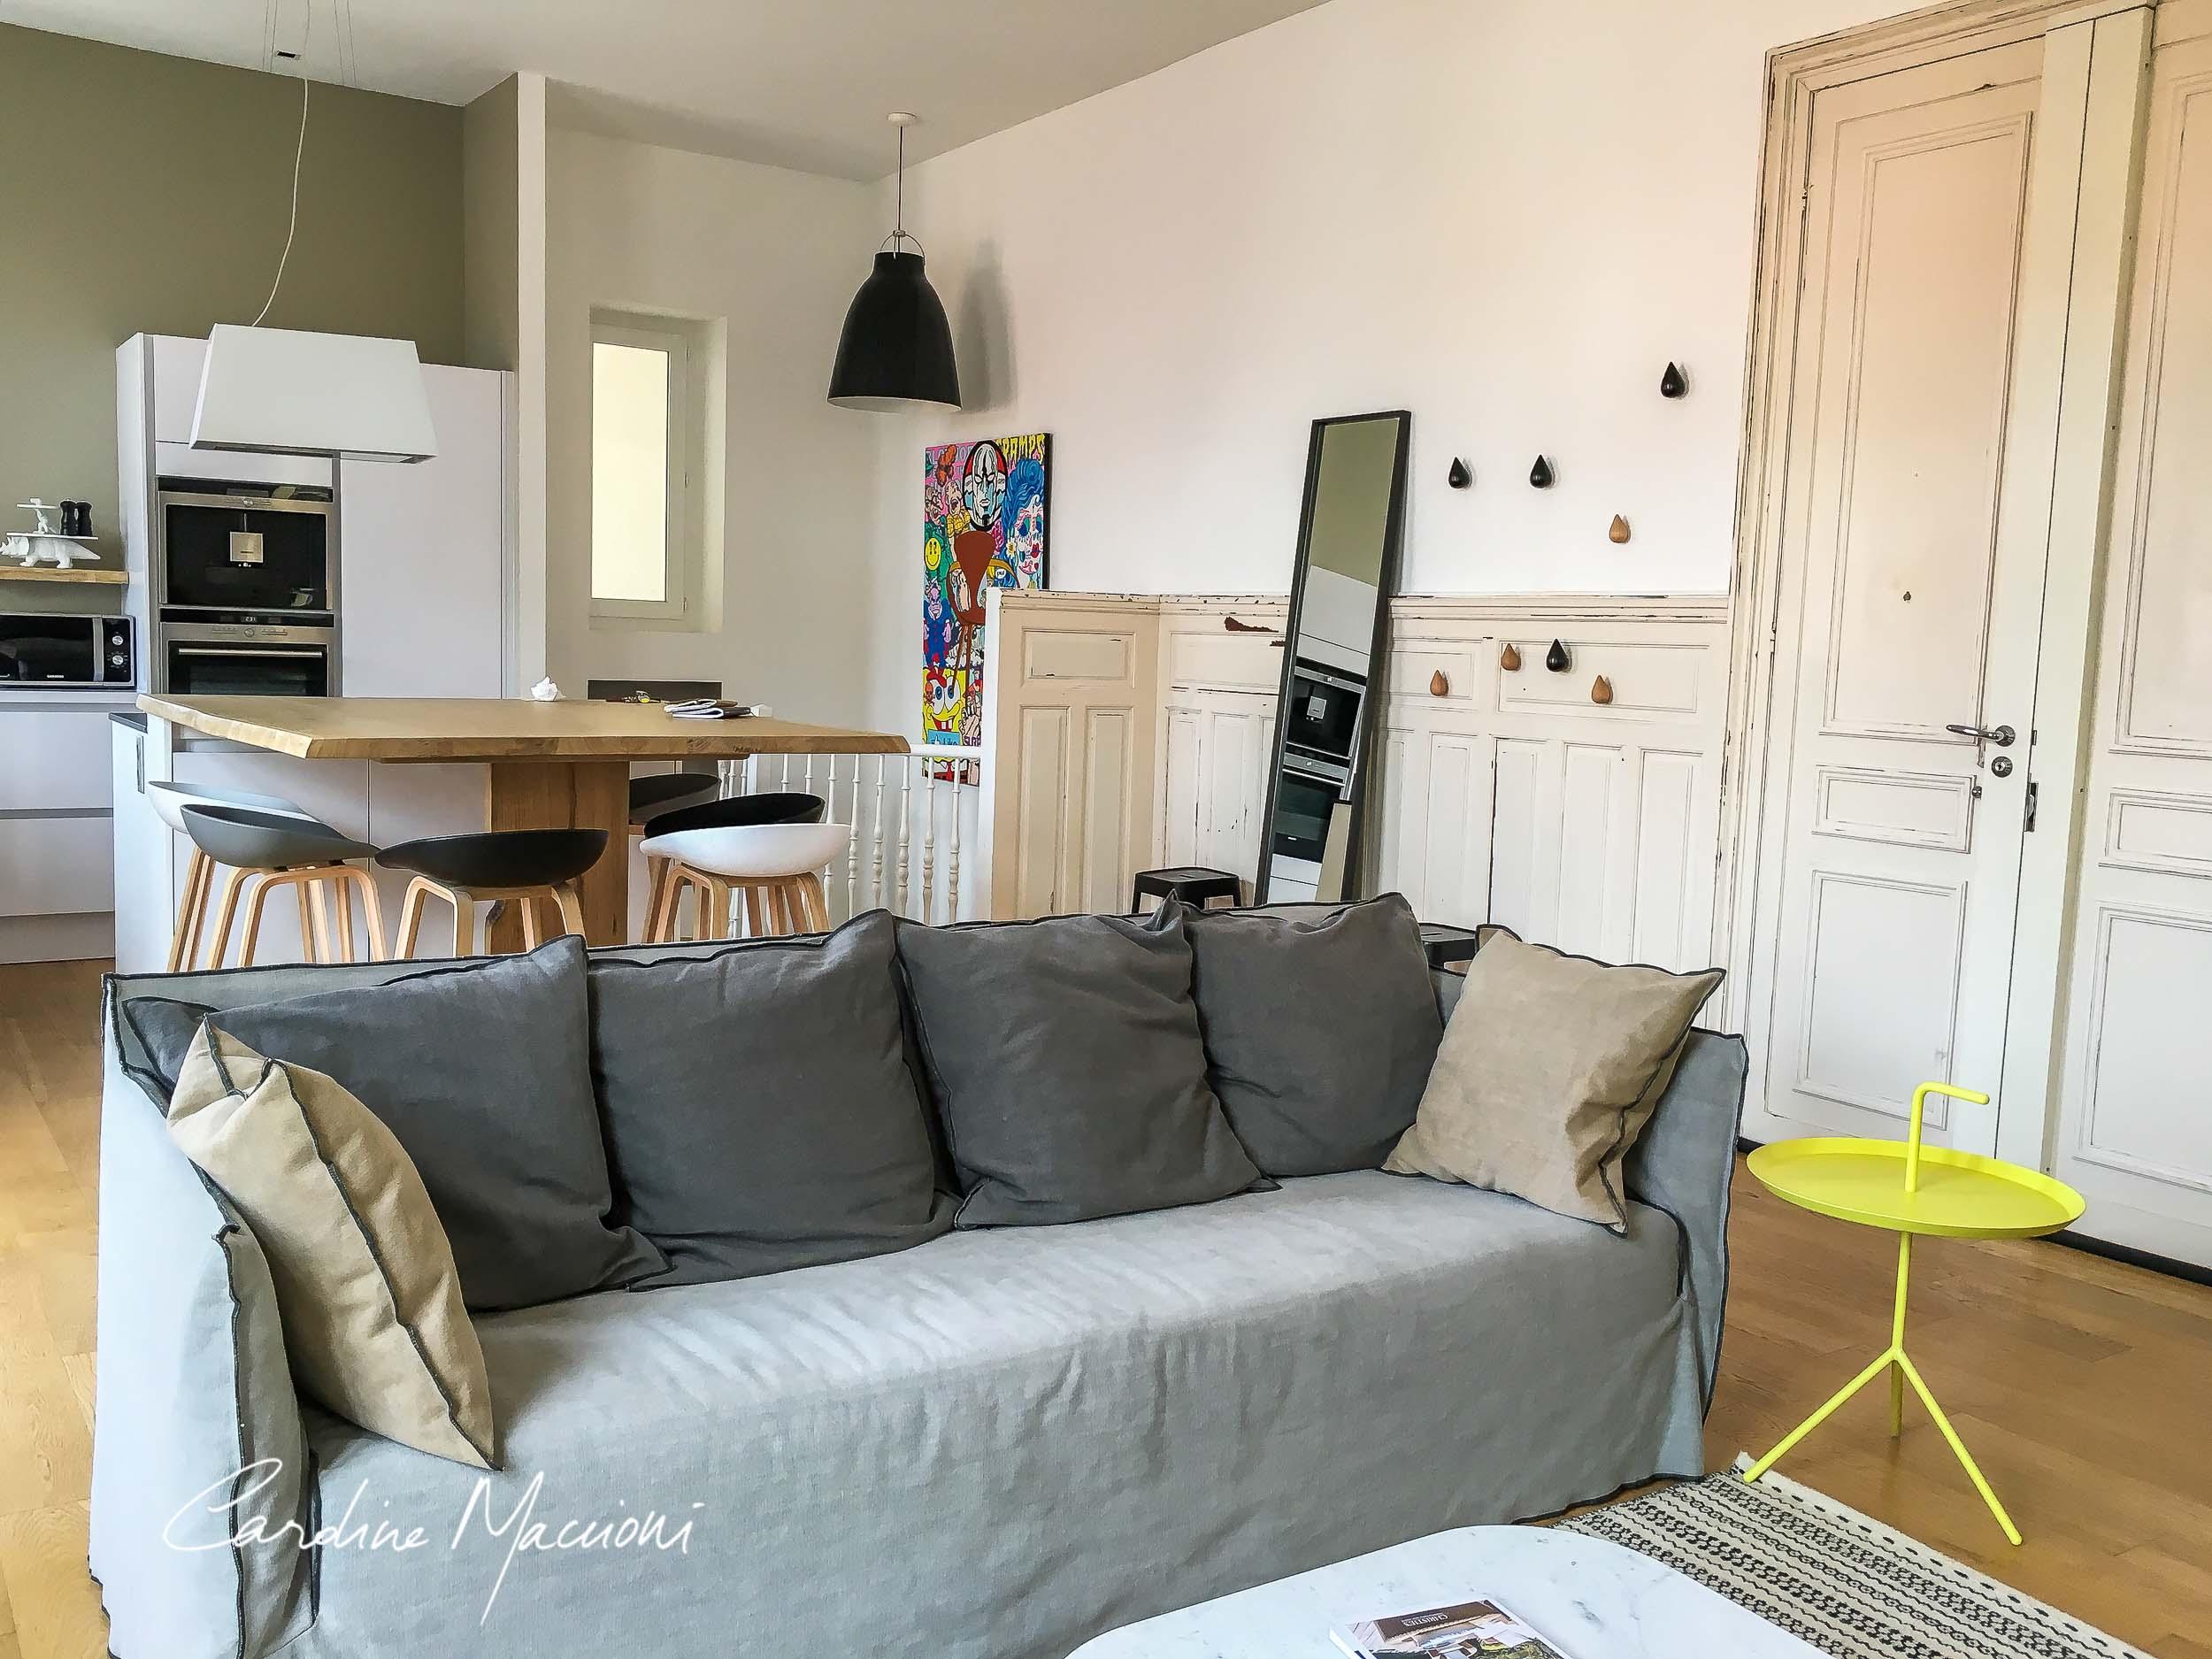 d coration d 39 int rieur appartement biarritz c te basque 64 atalaye vacances en famille et. Black Bedroom Furniture Sets. Home Design Ideas